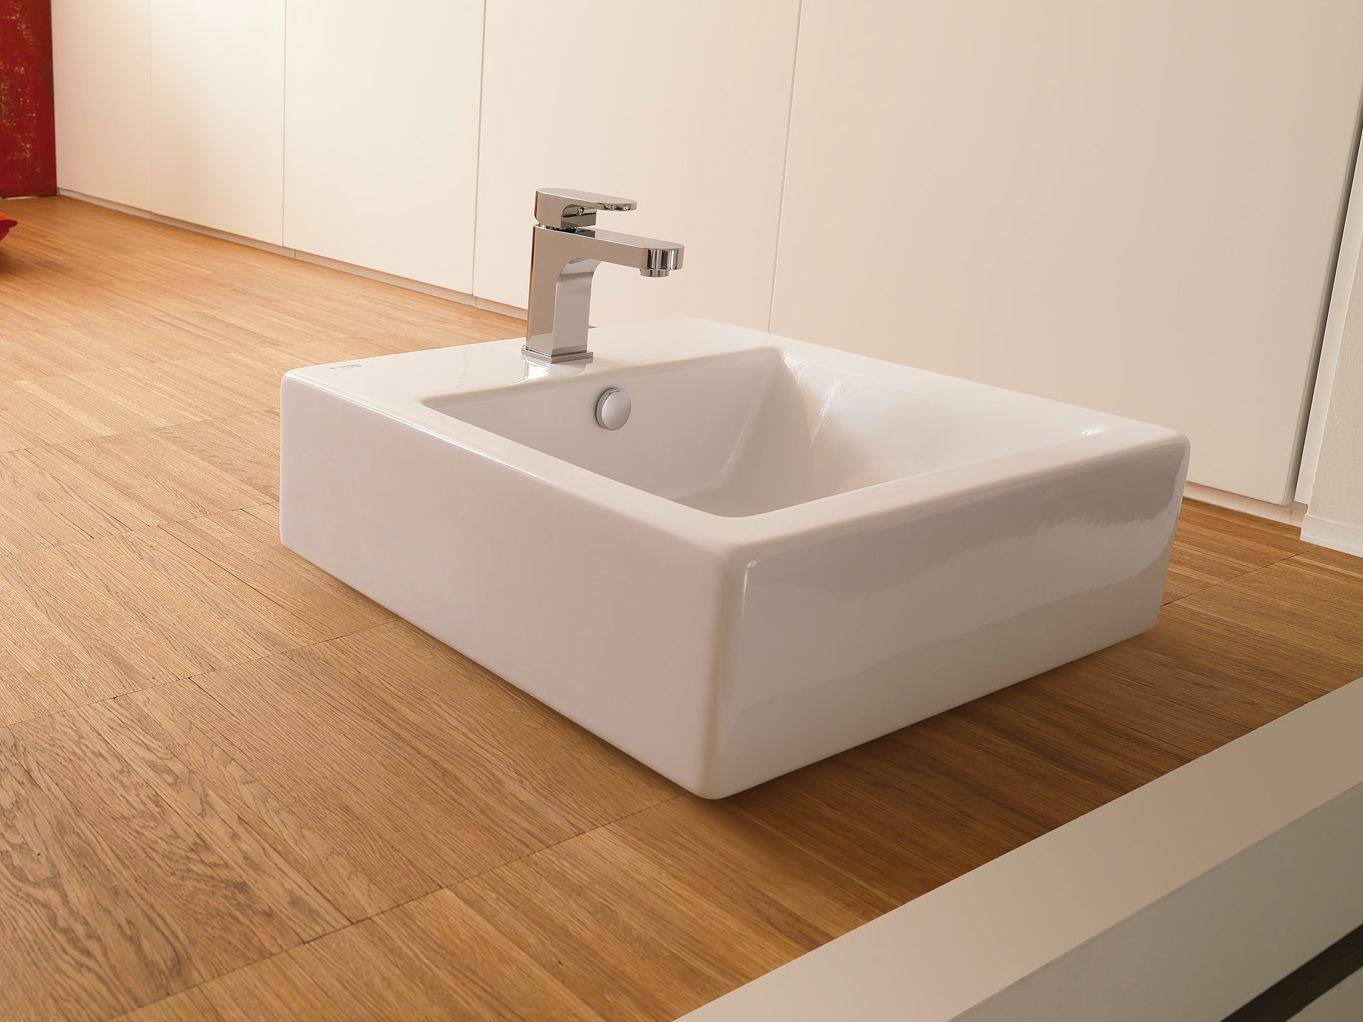 washbasins lavabo carr by newform. Black Bedroom Furniture Sets. Home Design Ideas